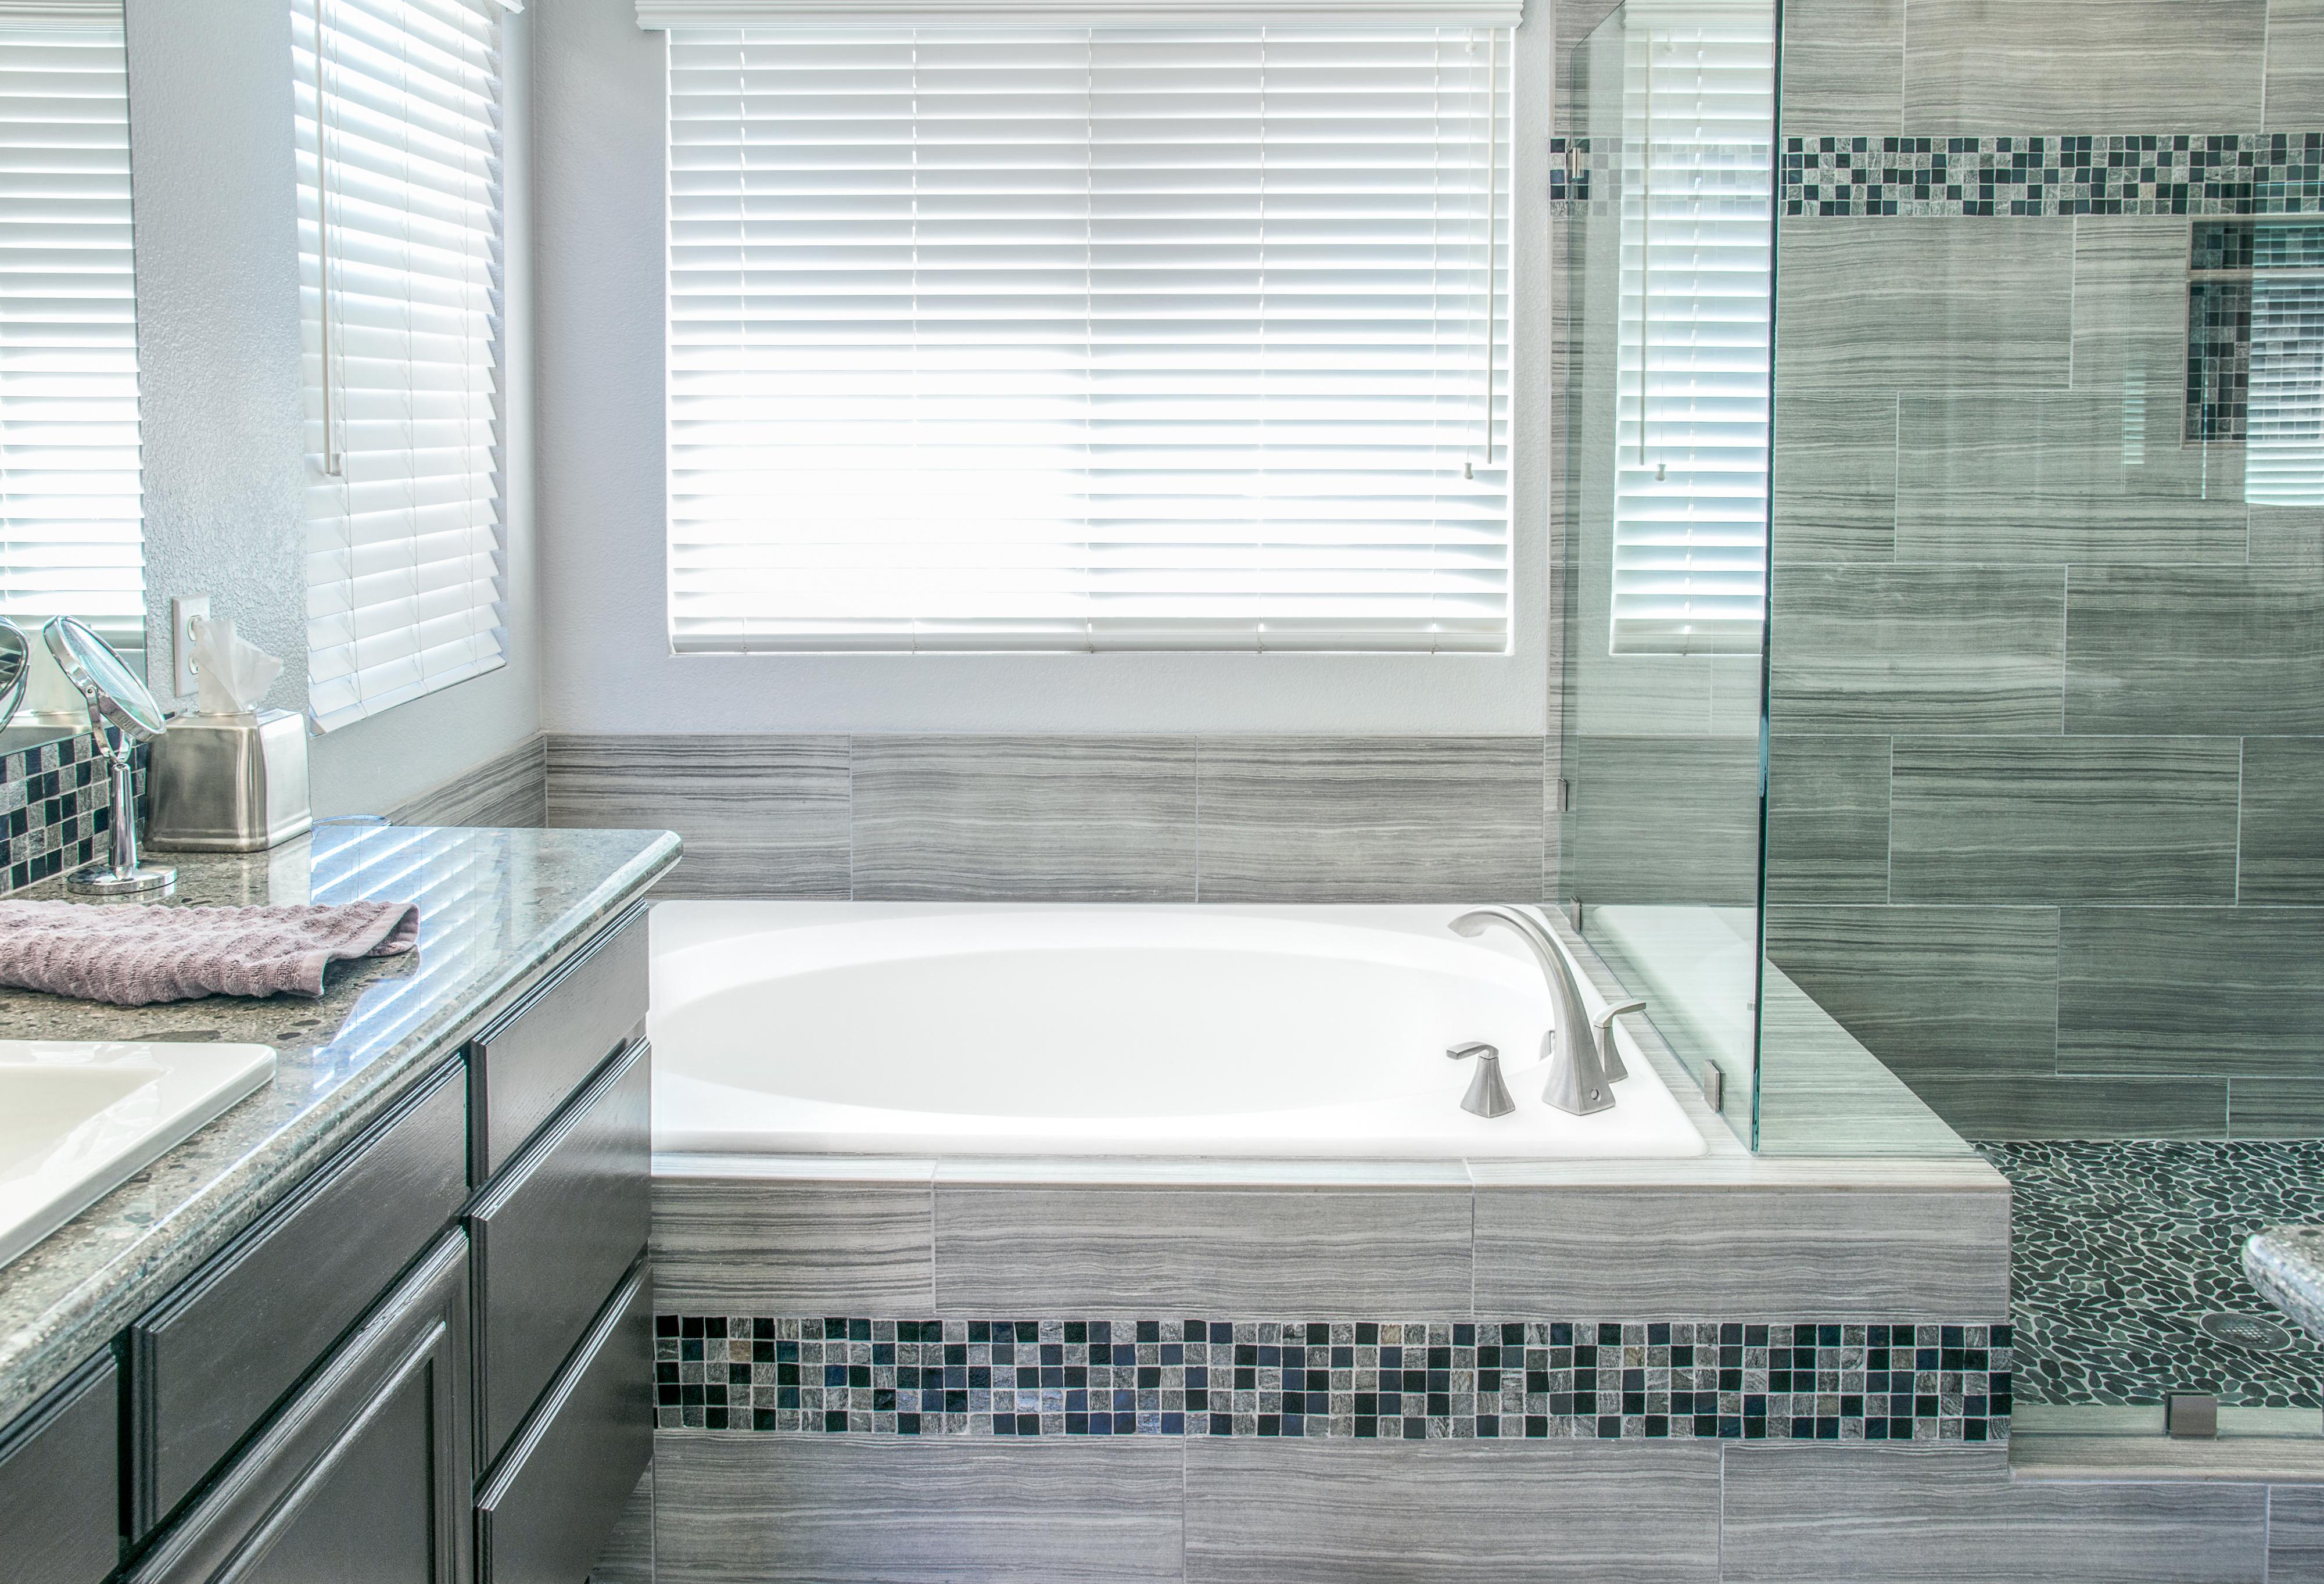 Cleaning a bathtub